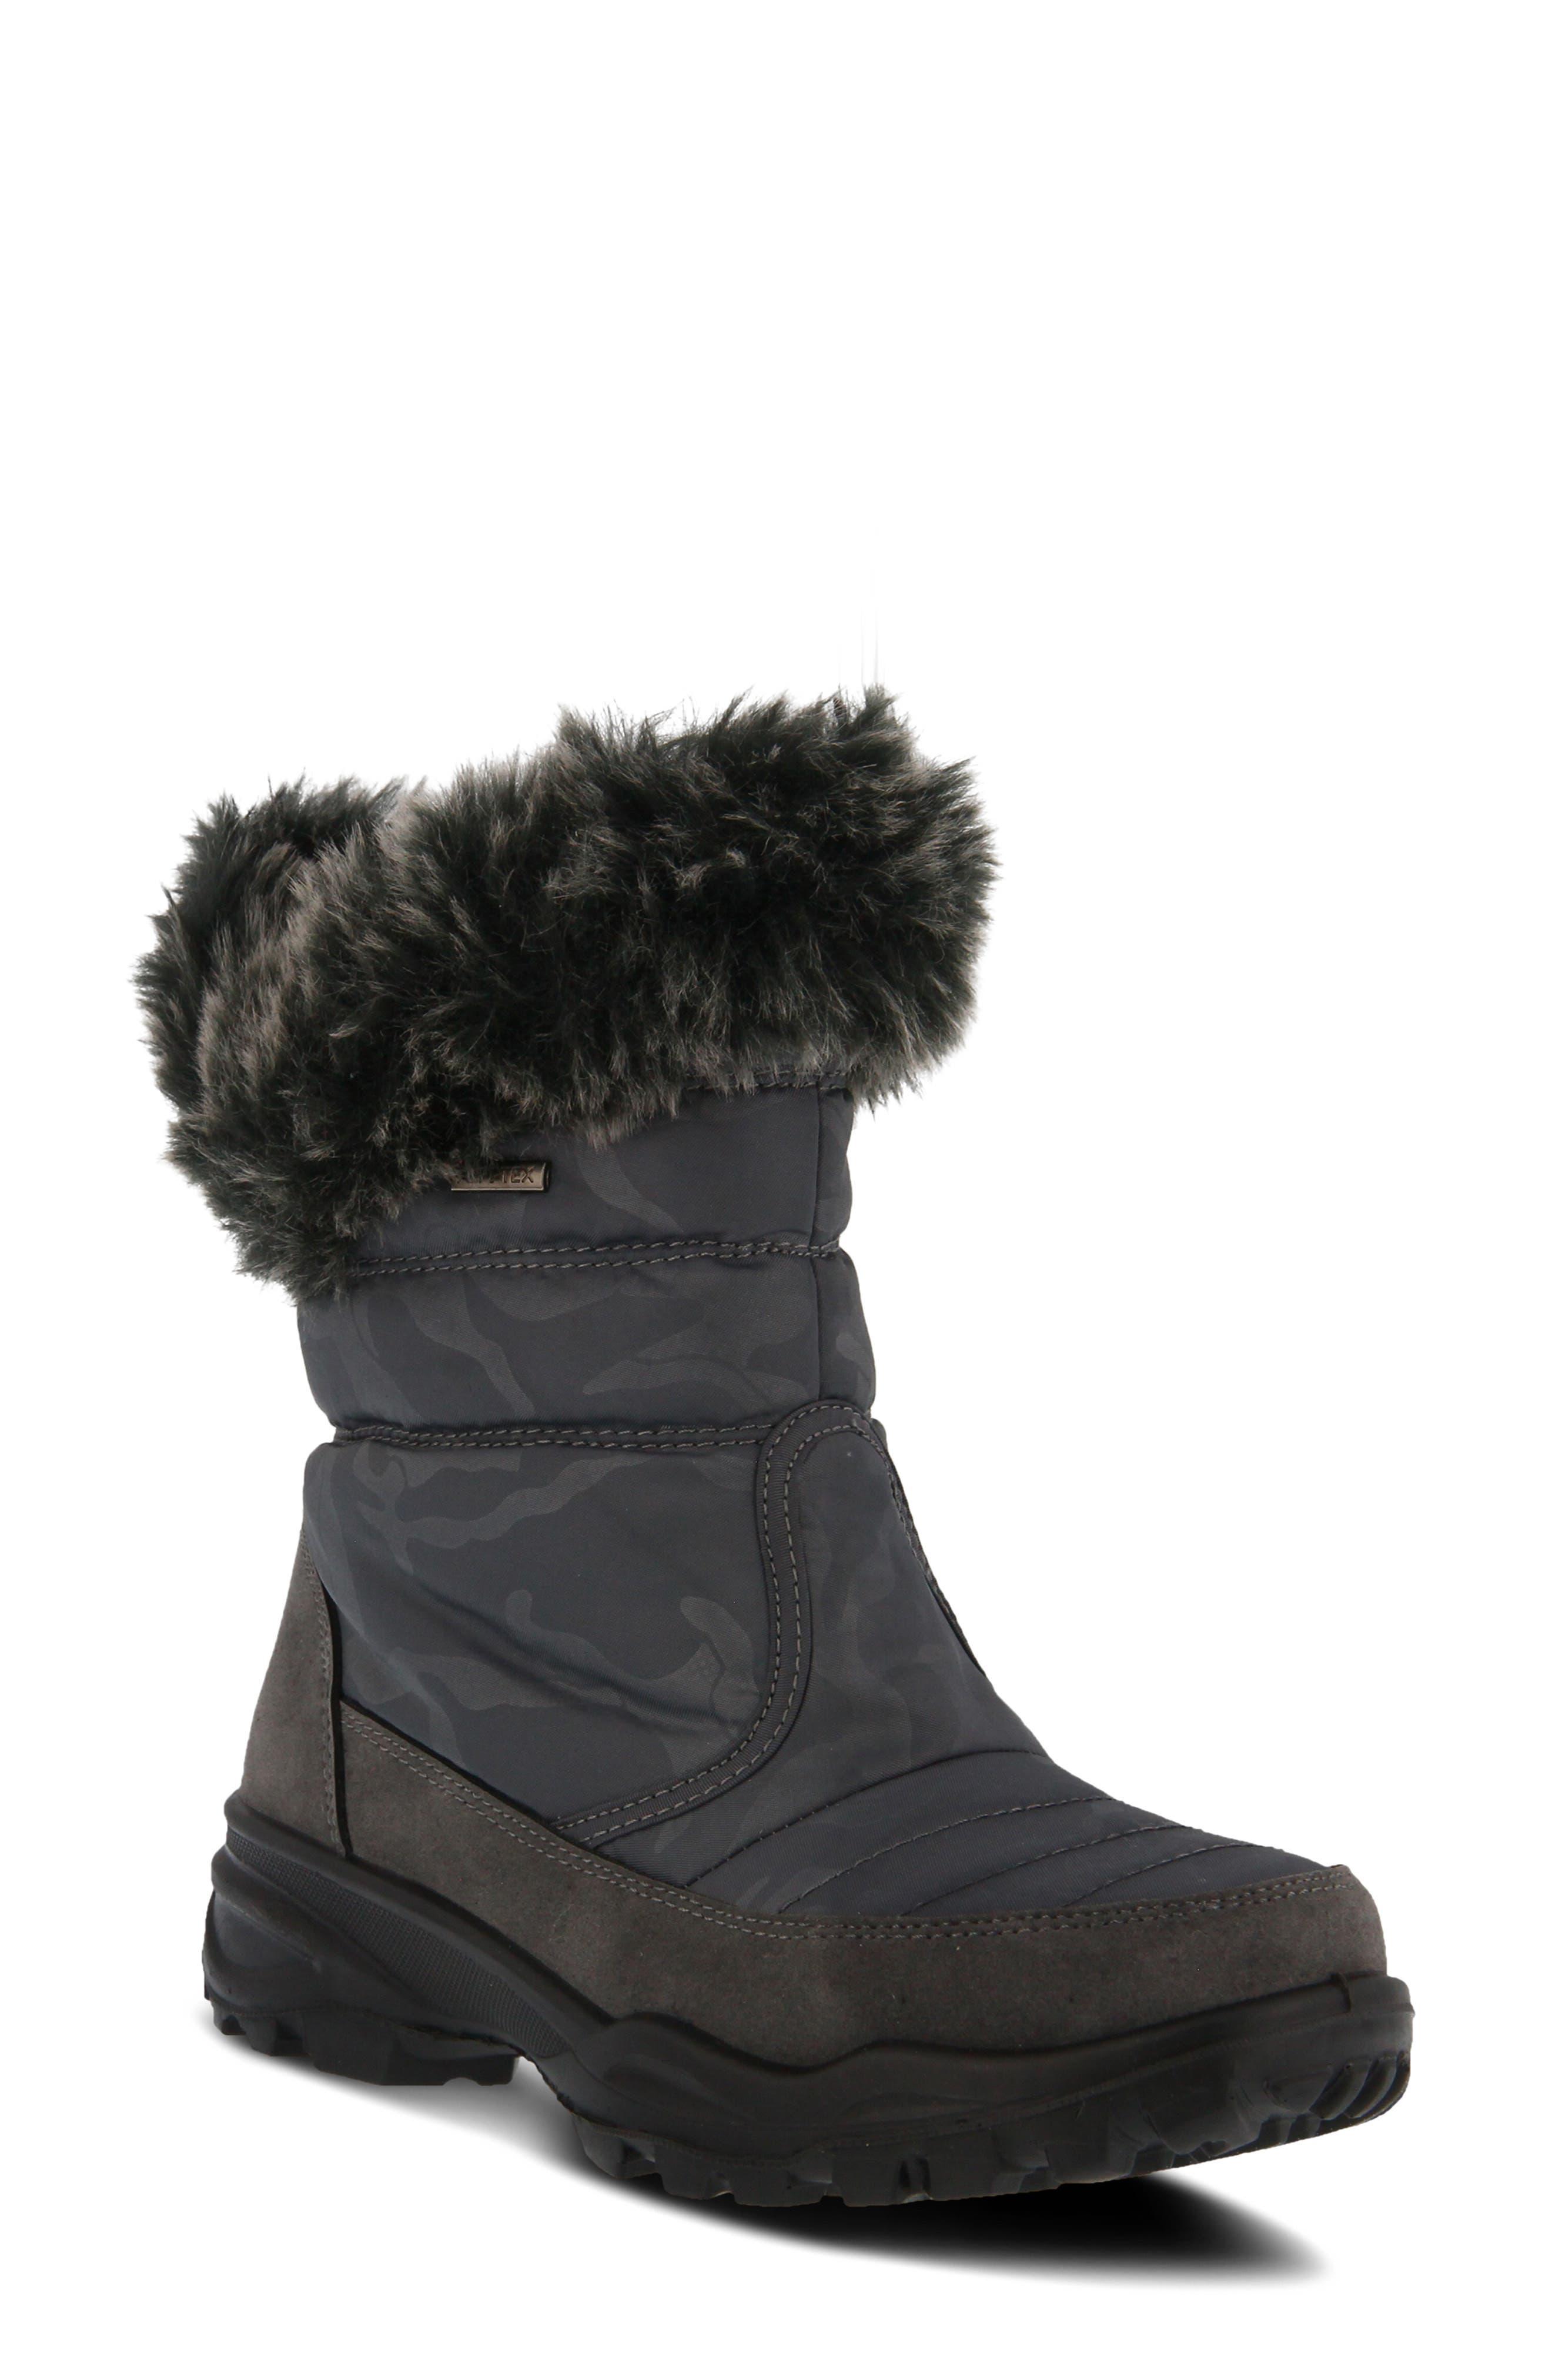 Spring Step Korine Waterproof Faux Fur Bootie - Grey